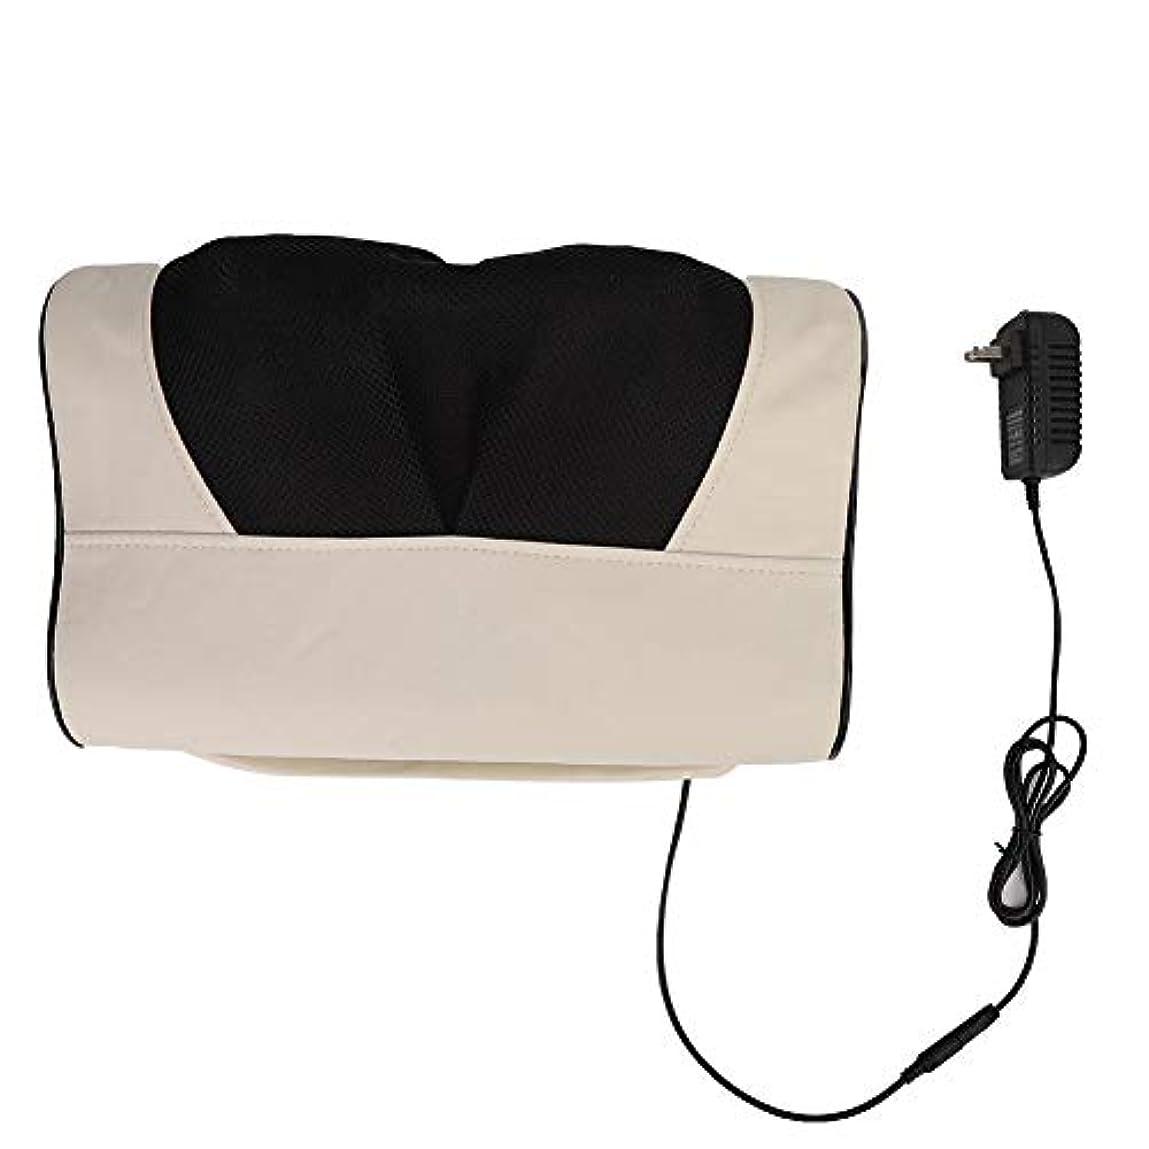 ありふれた寝具船上マッサージ枕、多機能頸椎ネックショルダーマッサージャー電動マッサージ枕